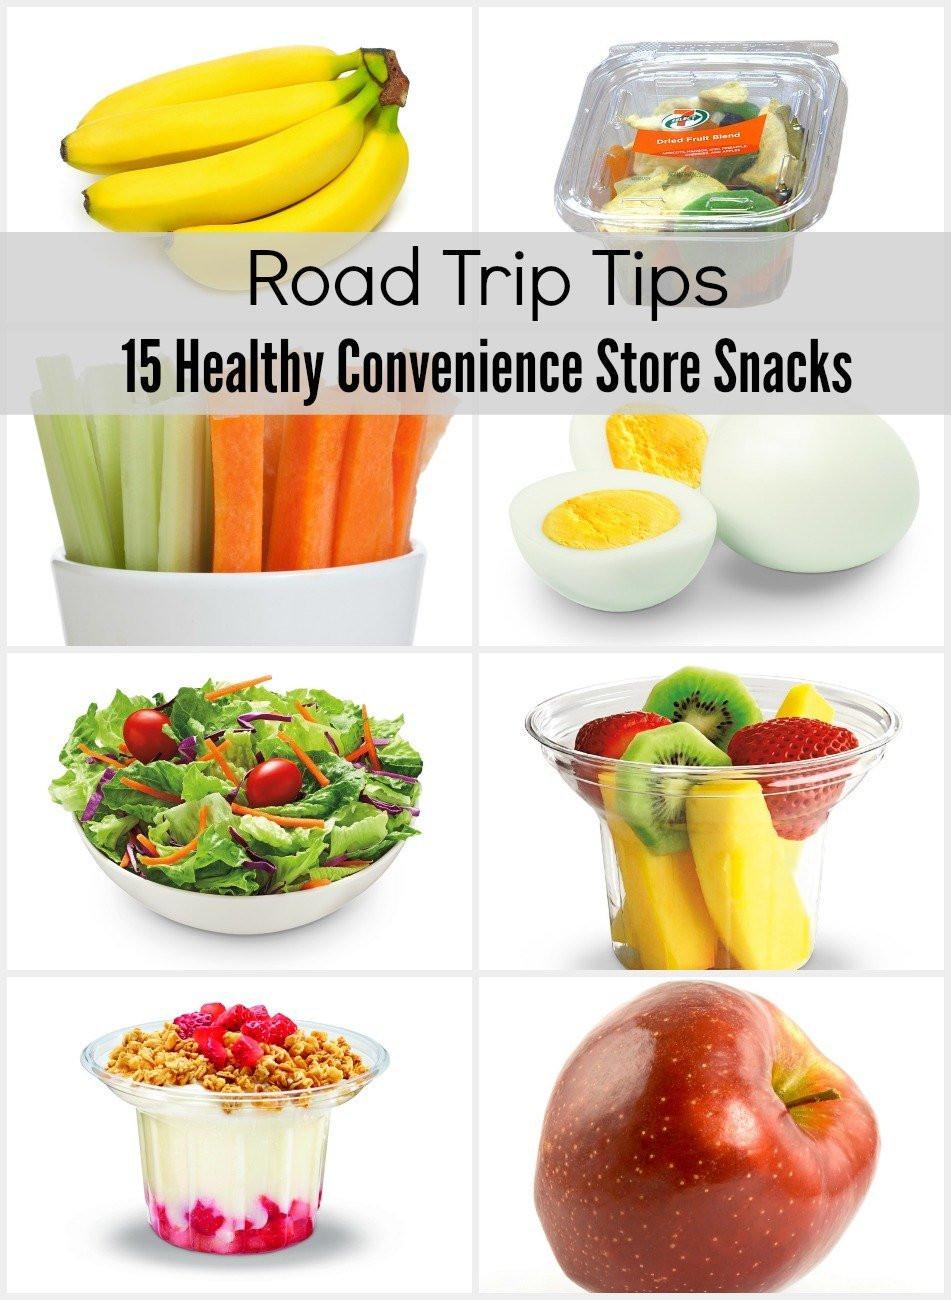 Healthy Vacation Snacks  15 Healthy Convenience Store Snacks for a Road Trip La